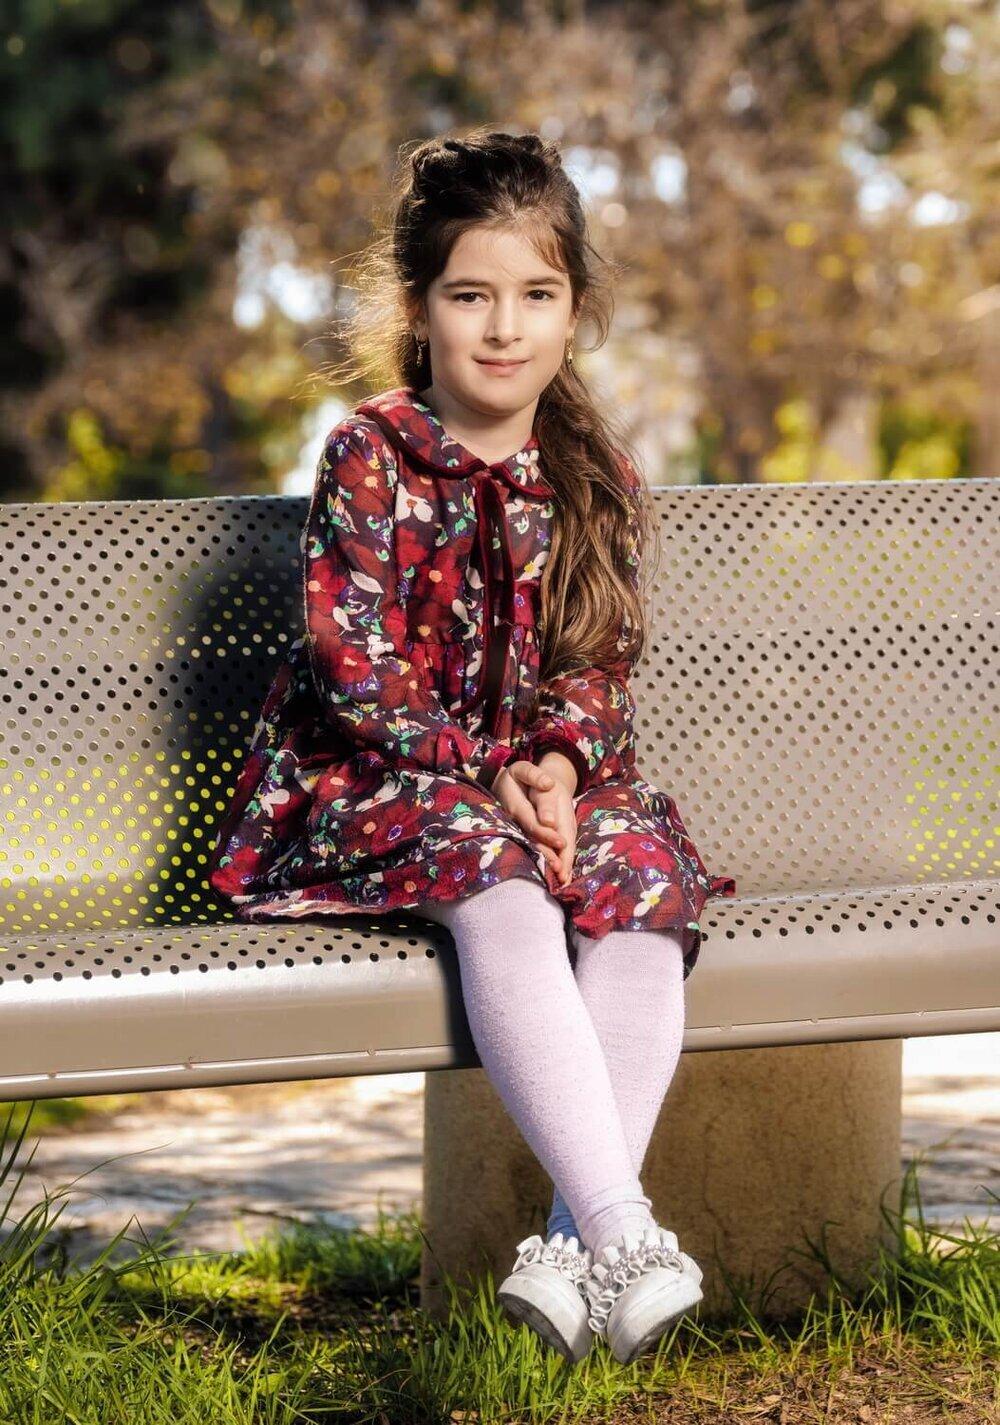 ילדה יושבת על ספסל ומחייכת